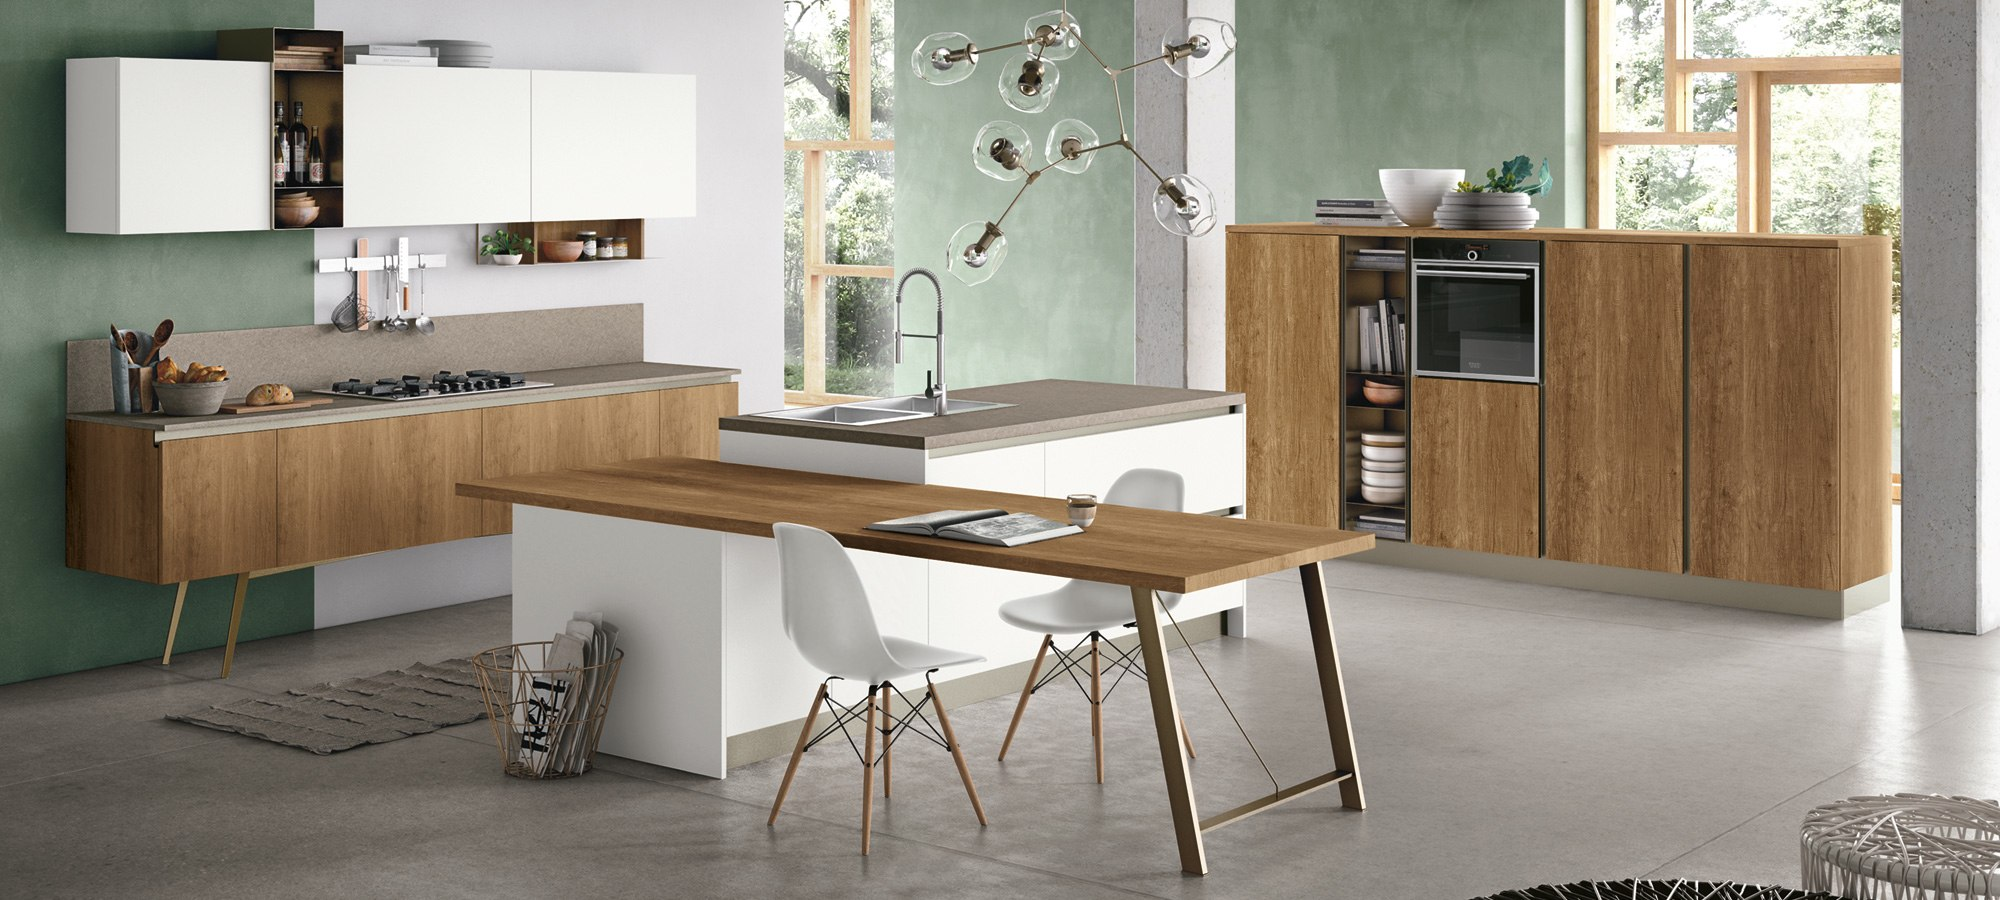 Cucina stosa infinity lorenzelli arredamenti for Cucine immagini